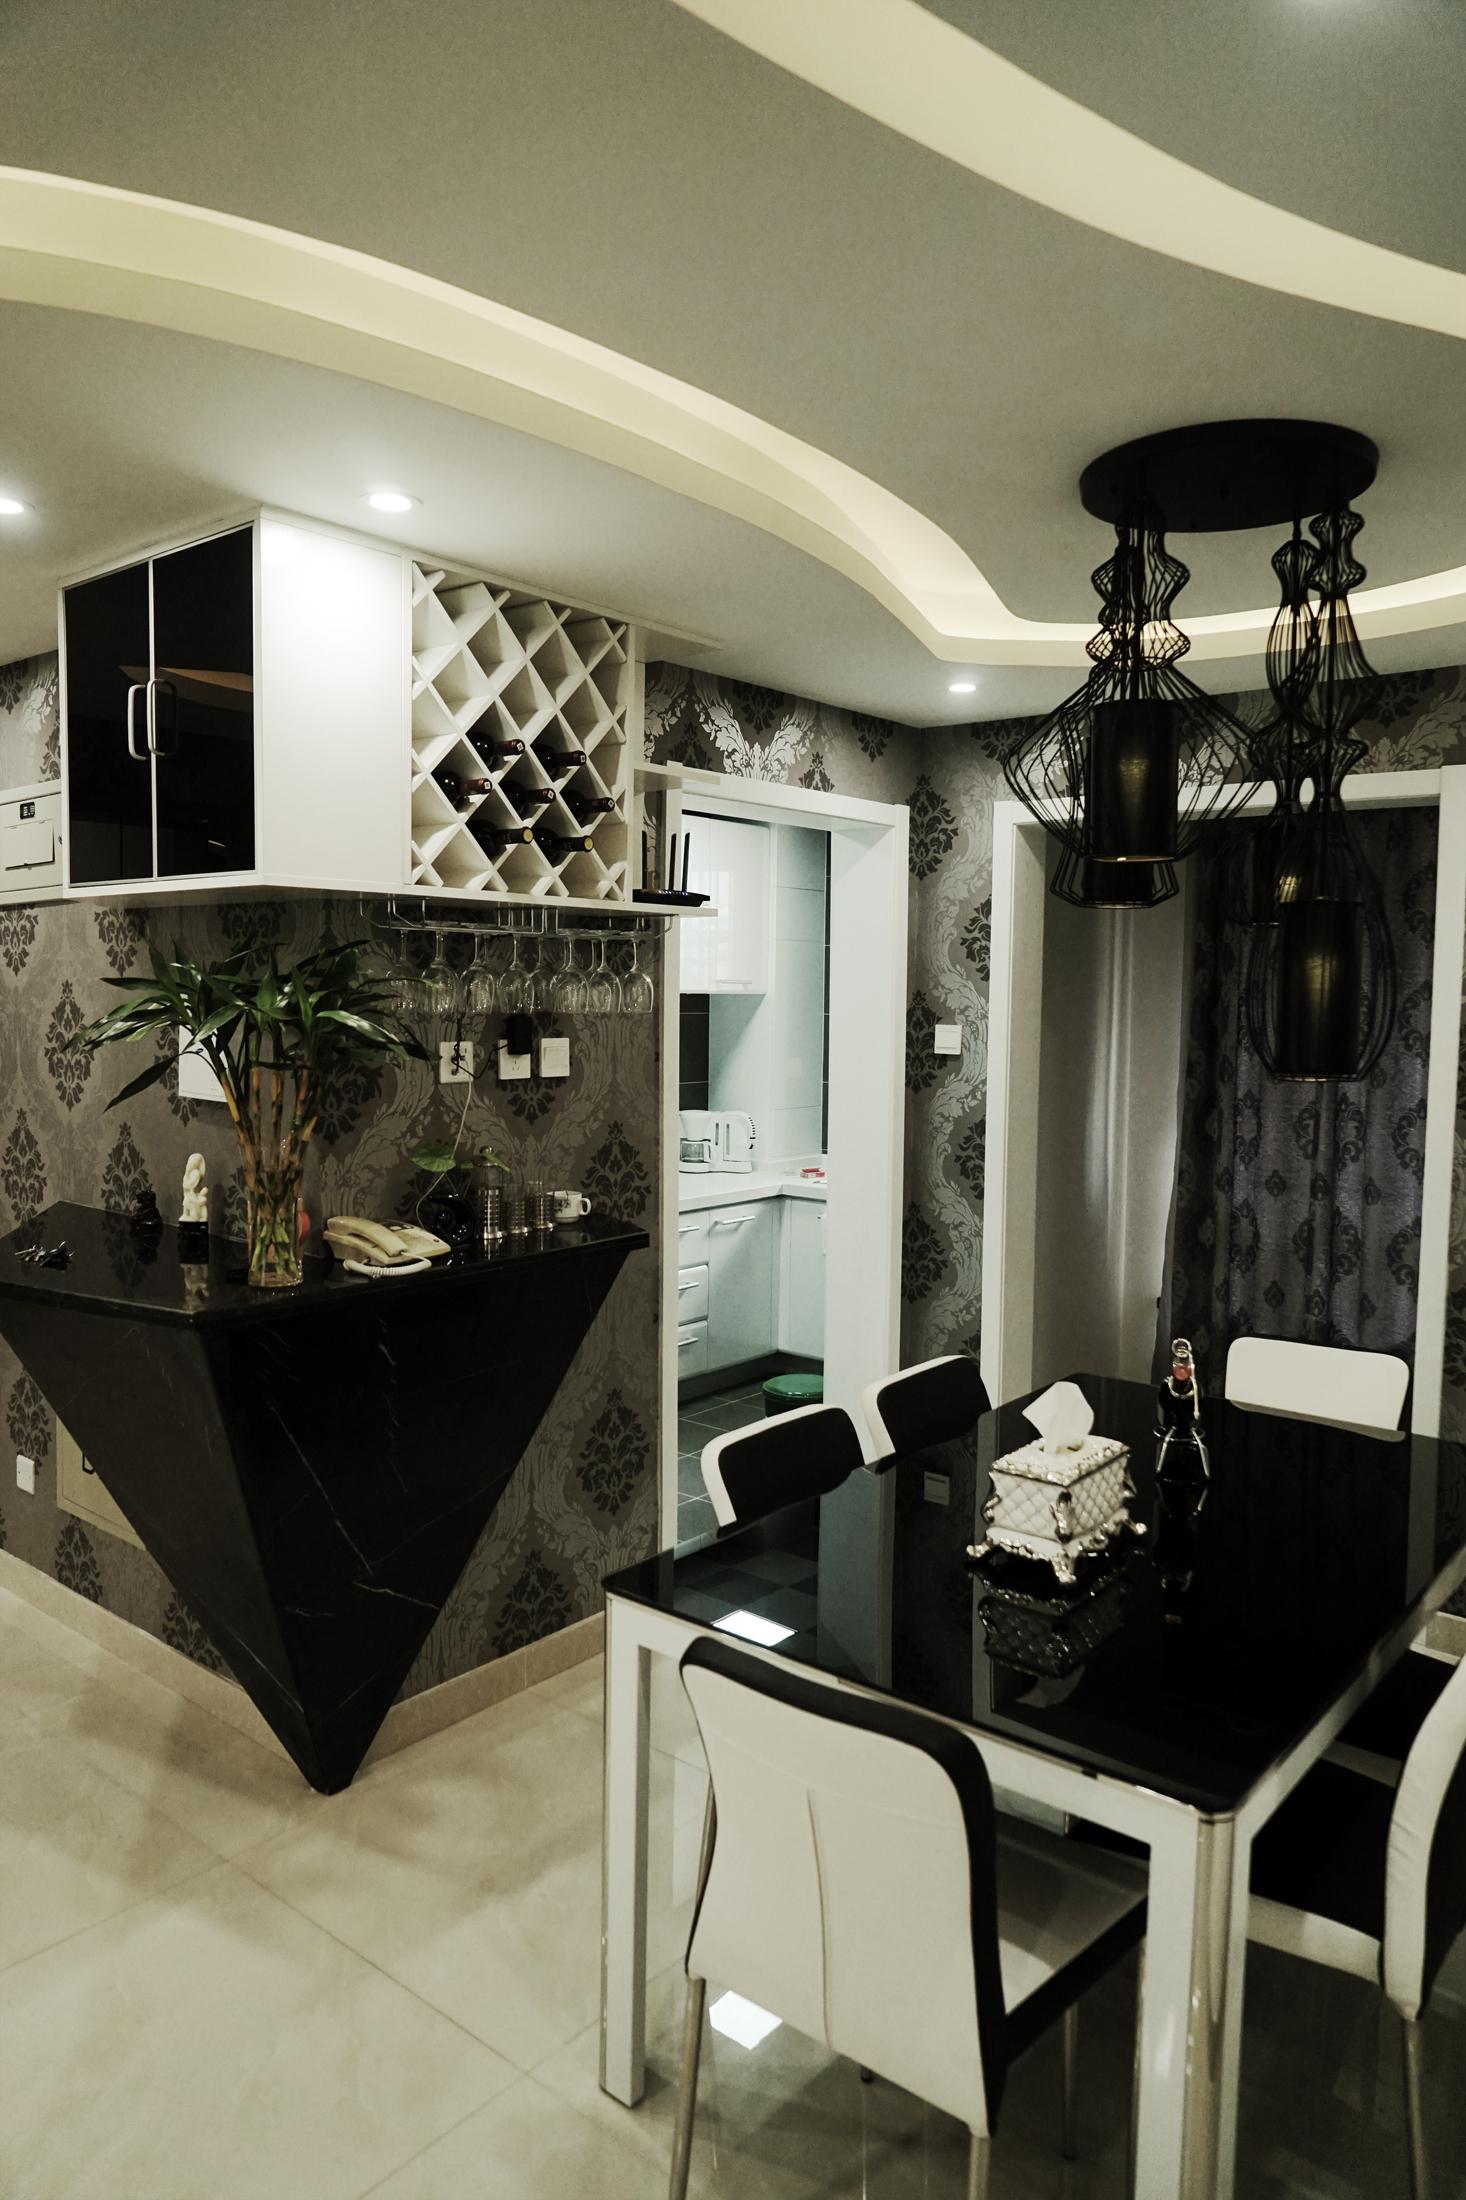 简约 现代 黑白灰 造型顶 吧台 餐厅图片来自253886347在光之谷的分享